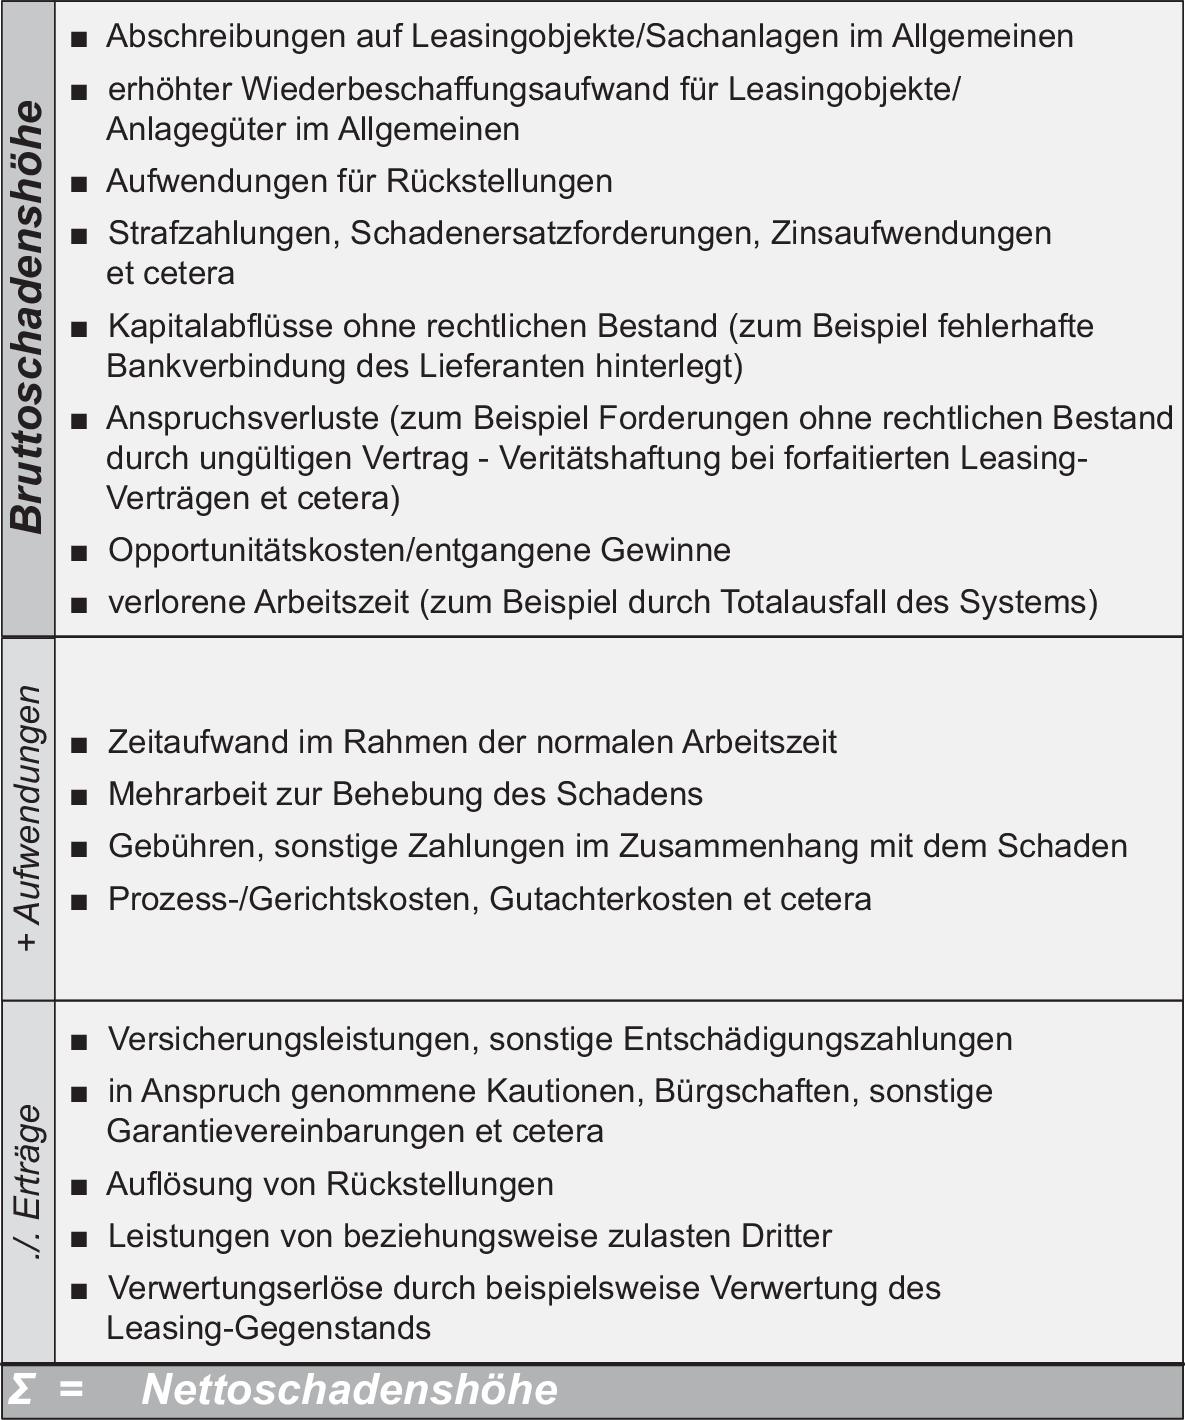 Bewertung der Risiken | SpringerLink